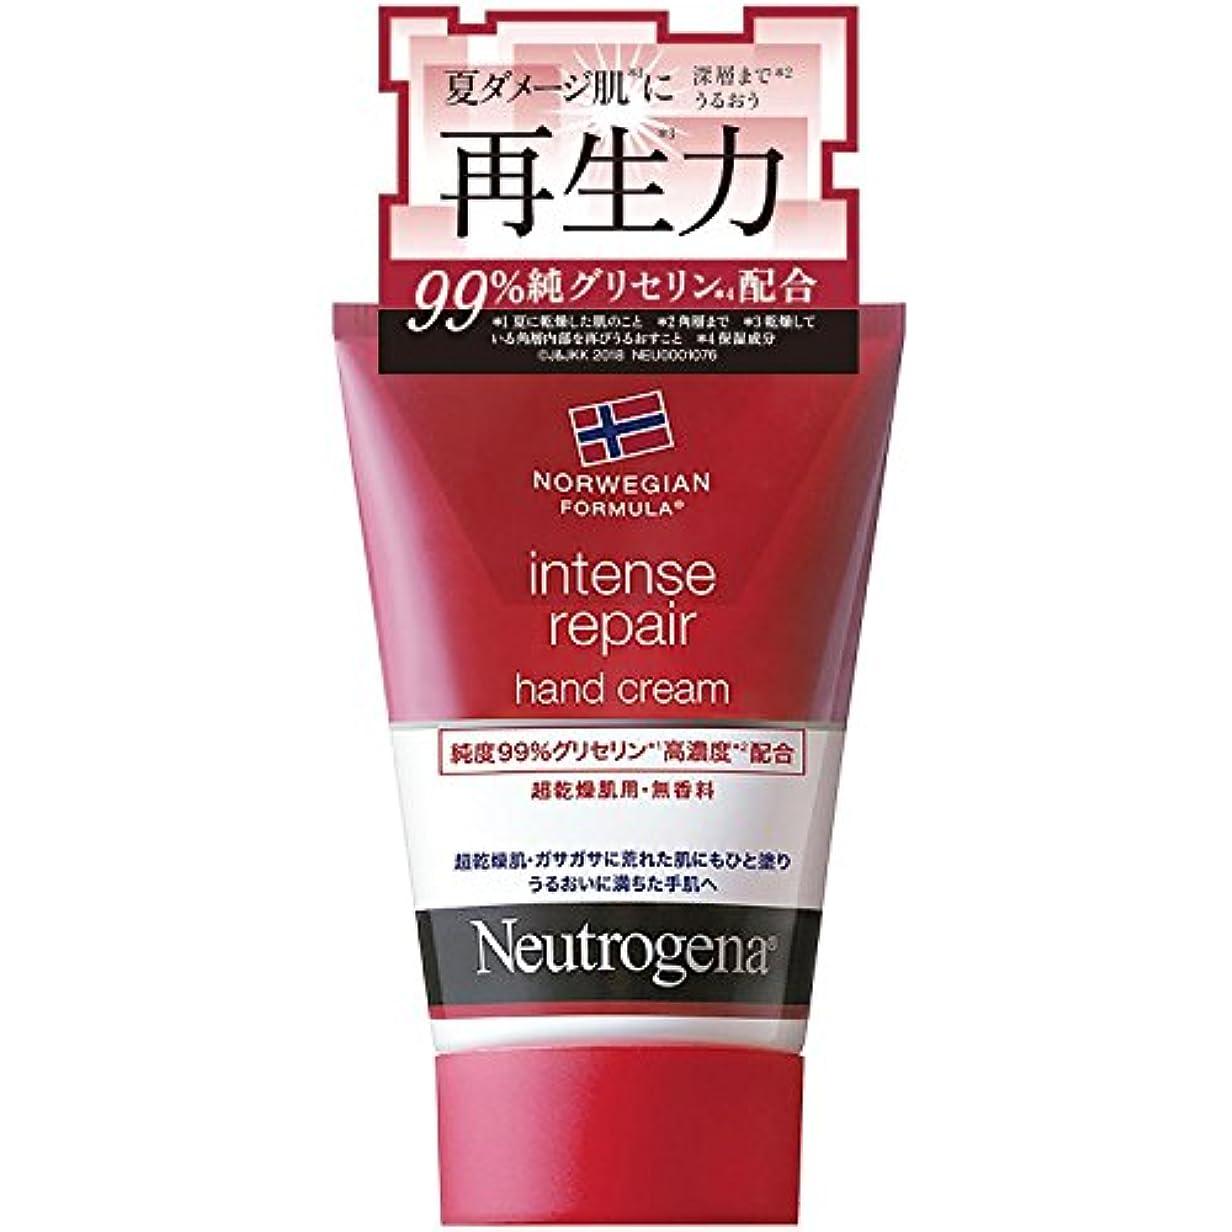 ストライプかすれたカビNeutrogena(ニュートロジーナ) ノルウェーフォーミュラ インテンスリペア ハンドクリーム 超乾燥肌用 無香料 単品 50g